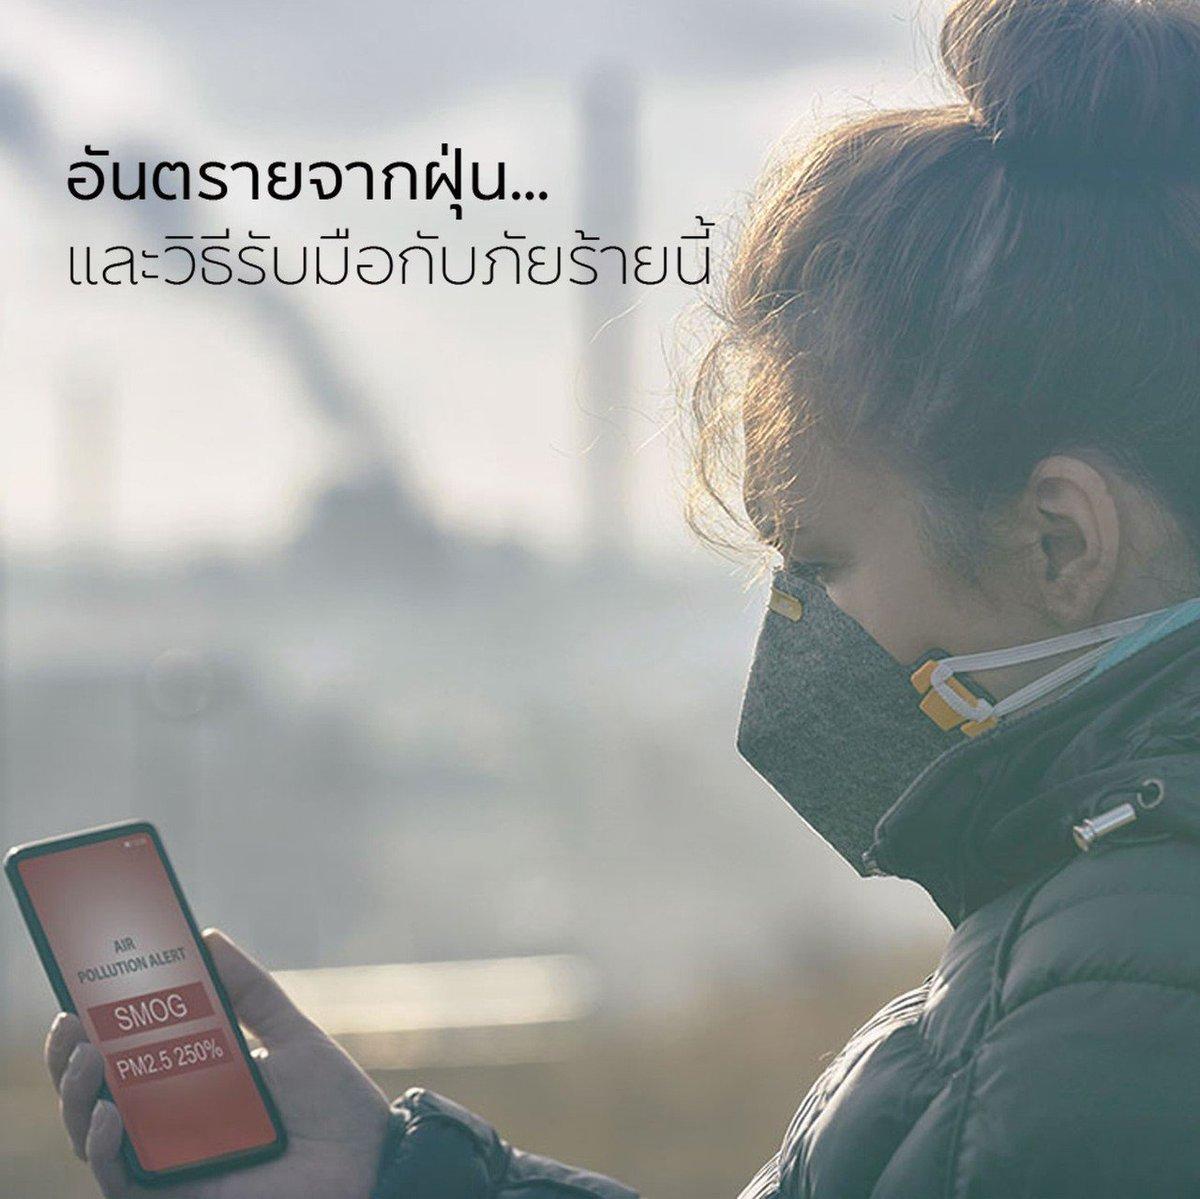 ฝุ่นละออง PM2.5 คุณอาจจะหลีกเลี่ยงไม่ได้…แต่คุณสามารถเลือกที่จะปกป้องตัวเองและคนที่คุณรักด้วย...พบคำตอบได้ที่นี่ http://wu.to/kn9lS2 #UnileverNetwork #MaquiPlus #GlutaOrange #SunProtector #Gluta #PM2.5 #InvisibleThreats #HealthyImmunity